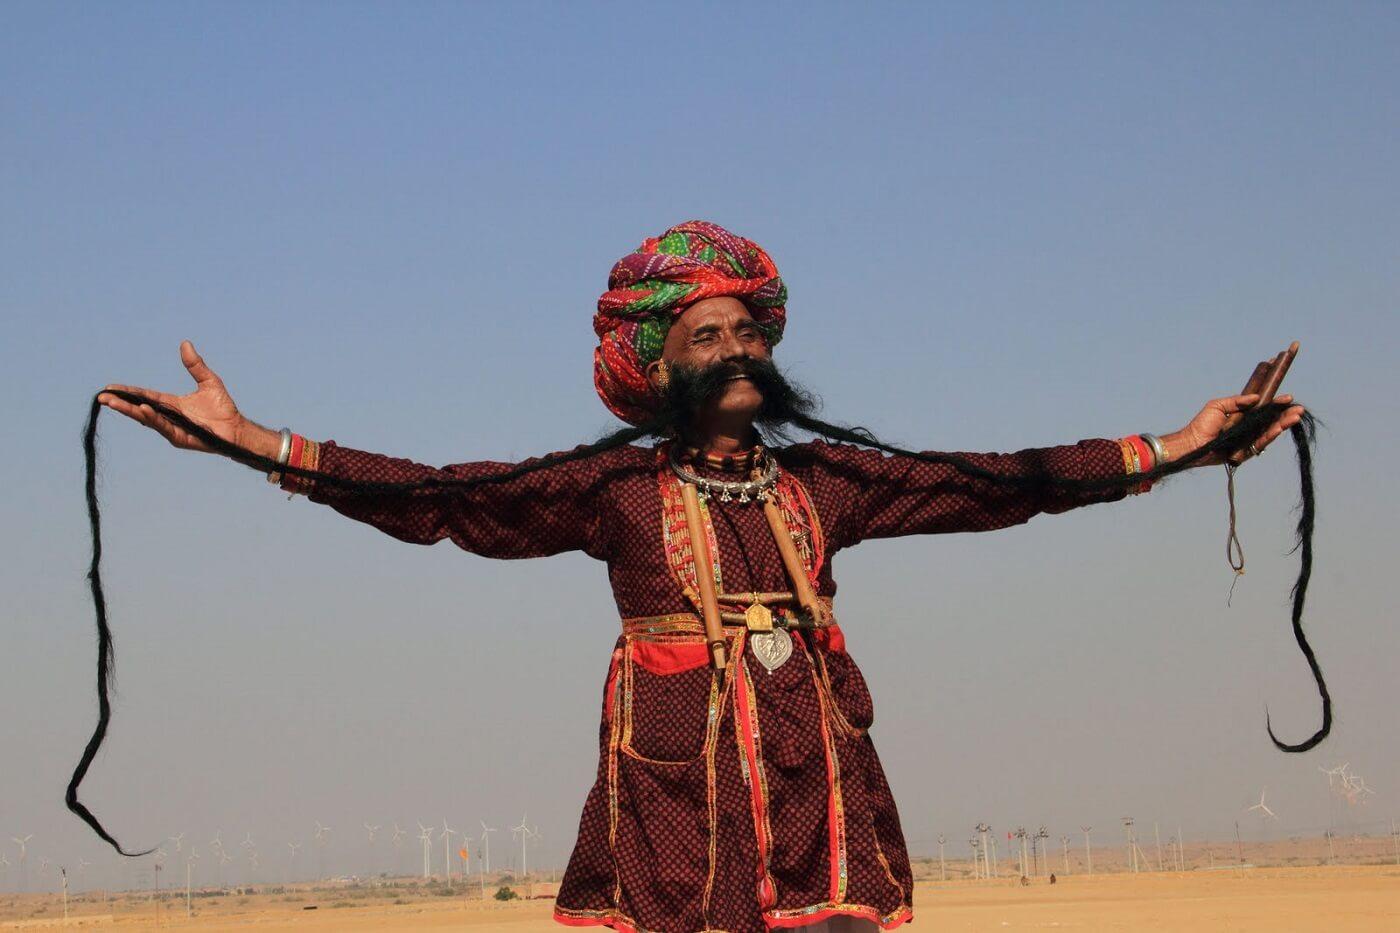 Moustache Competition at Jaisalmer Desert Festival